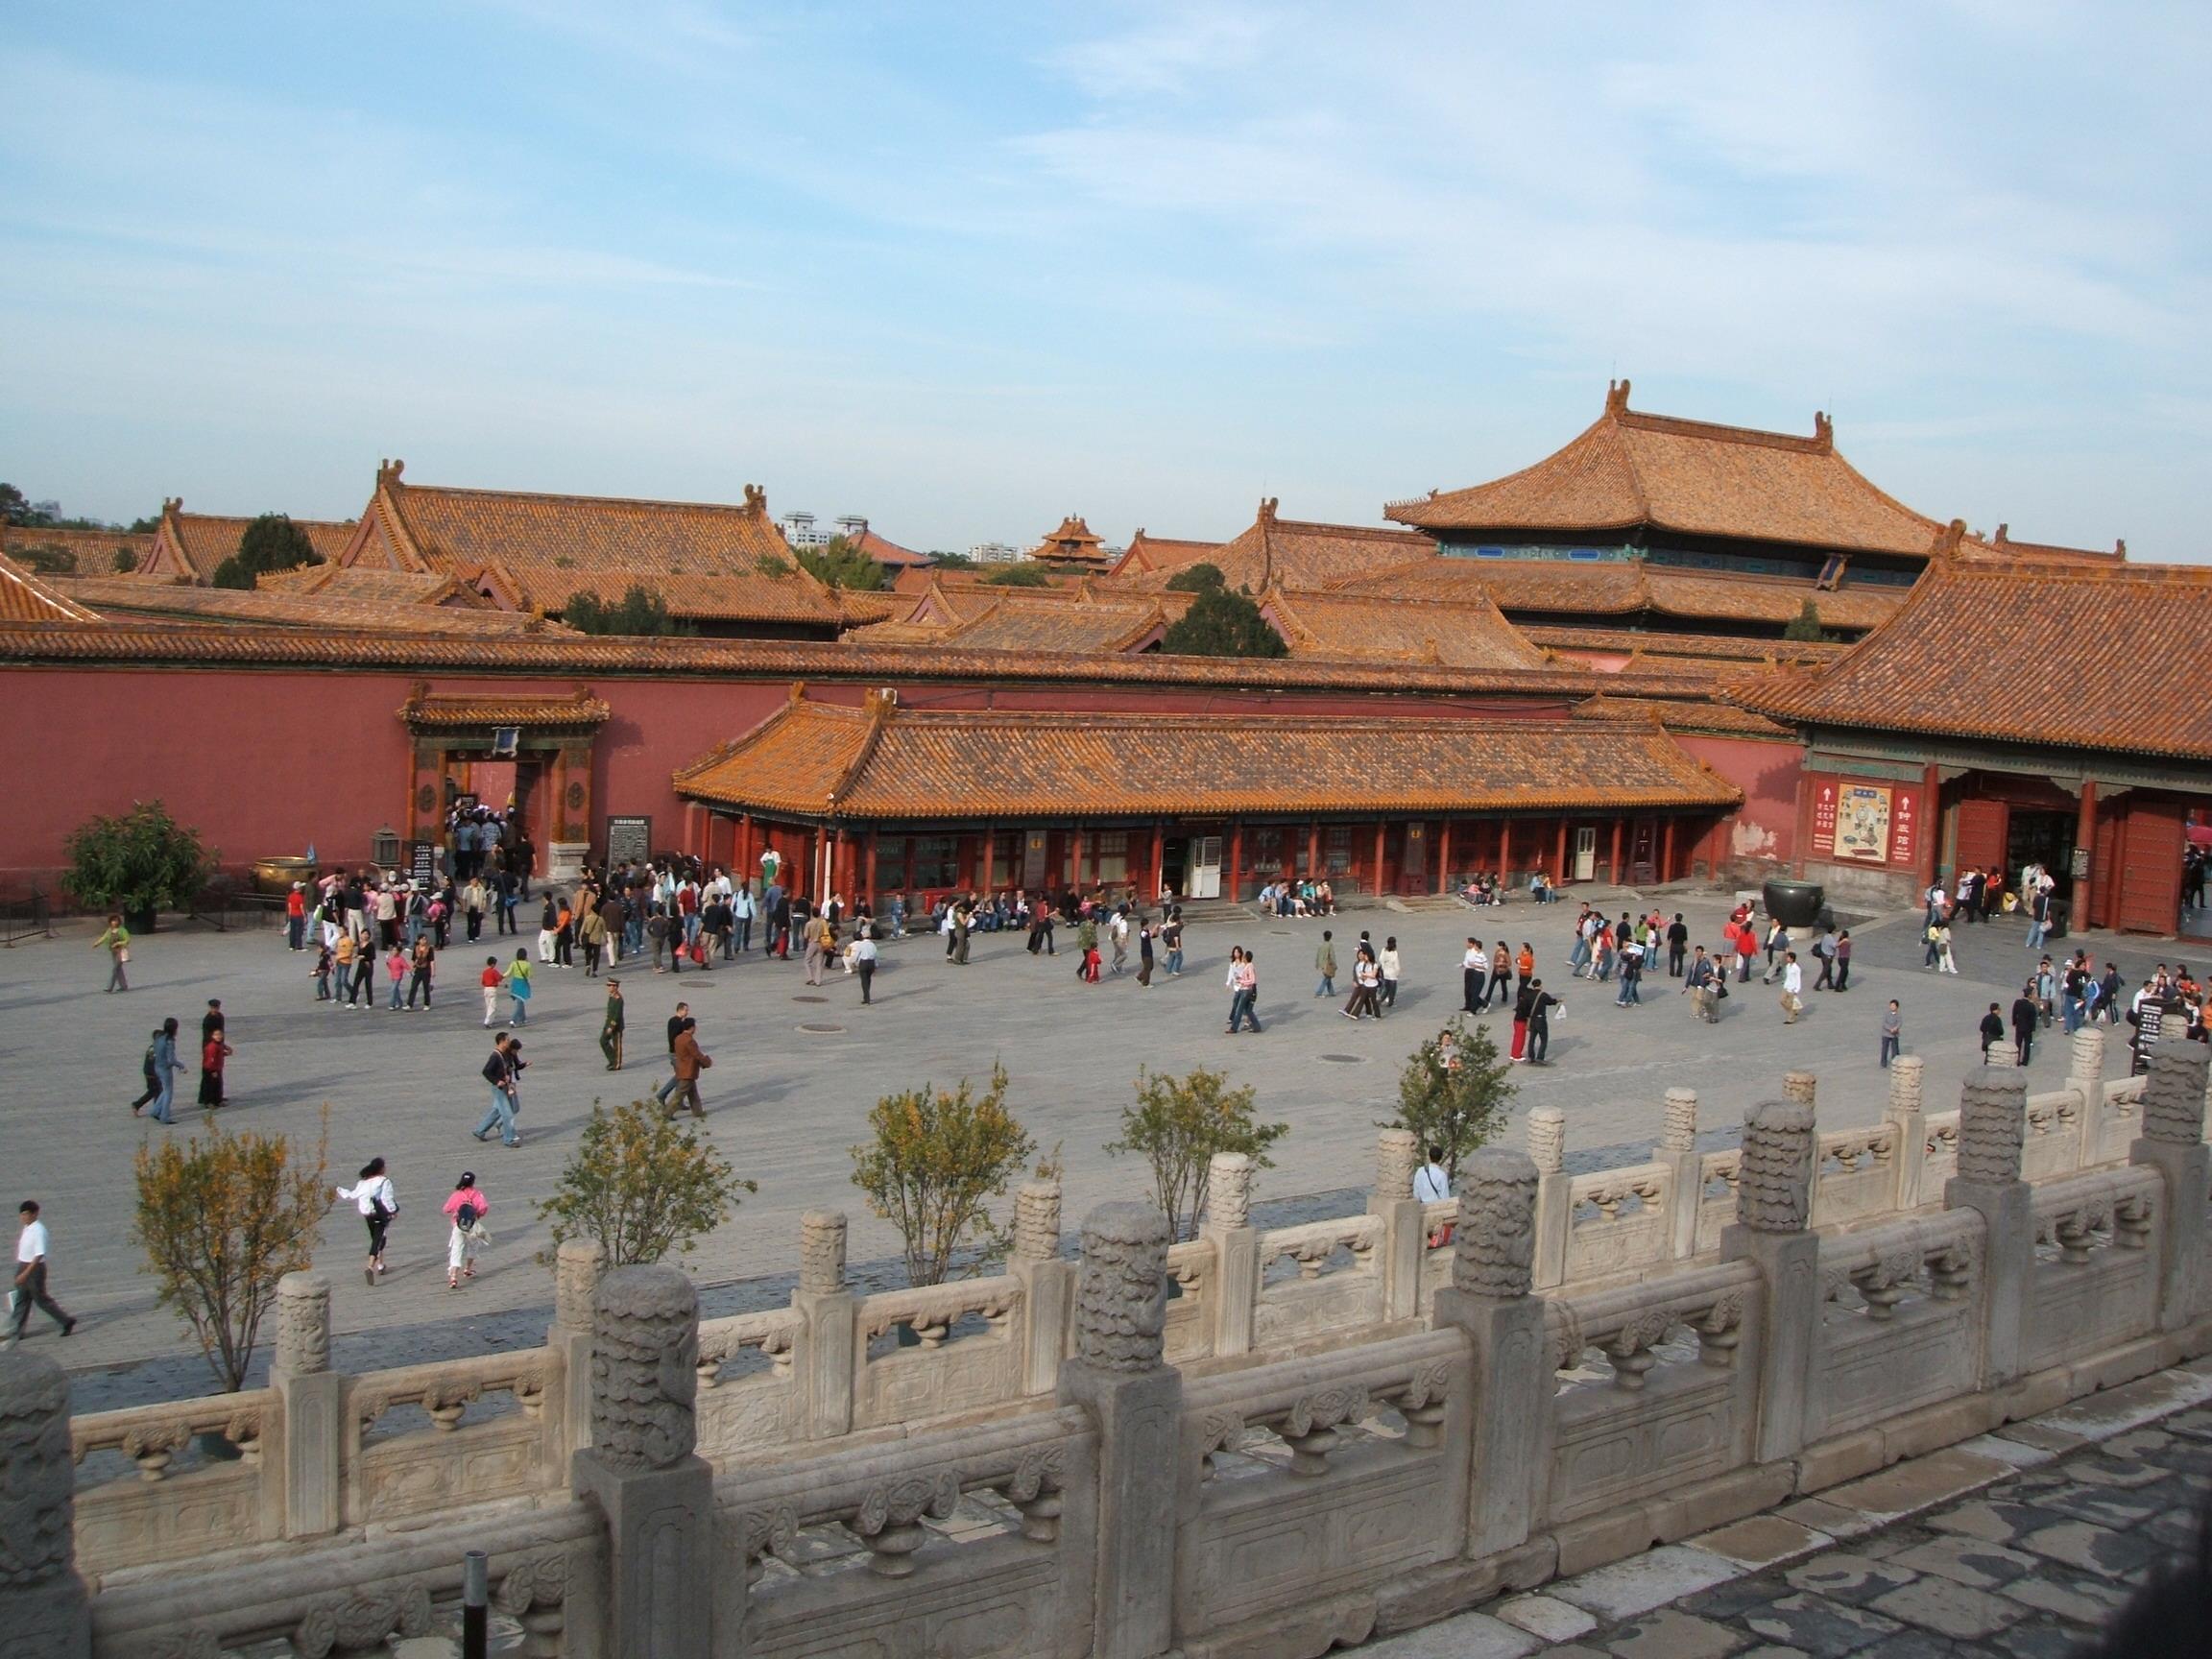 """絕大多數來北京的游人,尤其是初游者,都會把故宮當作必去之處。故宮又稱紫禁城,是明、清兩代的皇宮,也是古老中國的標志和象征。悠久的歷史給這里留下大規模的珍貴建筑和無數文物,也成為今天游玩故宮的主要看點。 故宮是中國乃至世界上保存最完整,規模最大的木質結構古建筑群,被譽為世界五大宮之首(北京故宮、法國凡爾賽宮、英國白金漢宮、美國白宮和俄羅斯克里姆林宮)。其建筑依據其布局與功用分為""""外朝""""與""""內廷""""兩大部分。以乾清門為界,乾清門以南為外朝,以北為內廷,兩部分的建筑"""